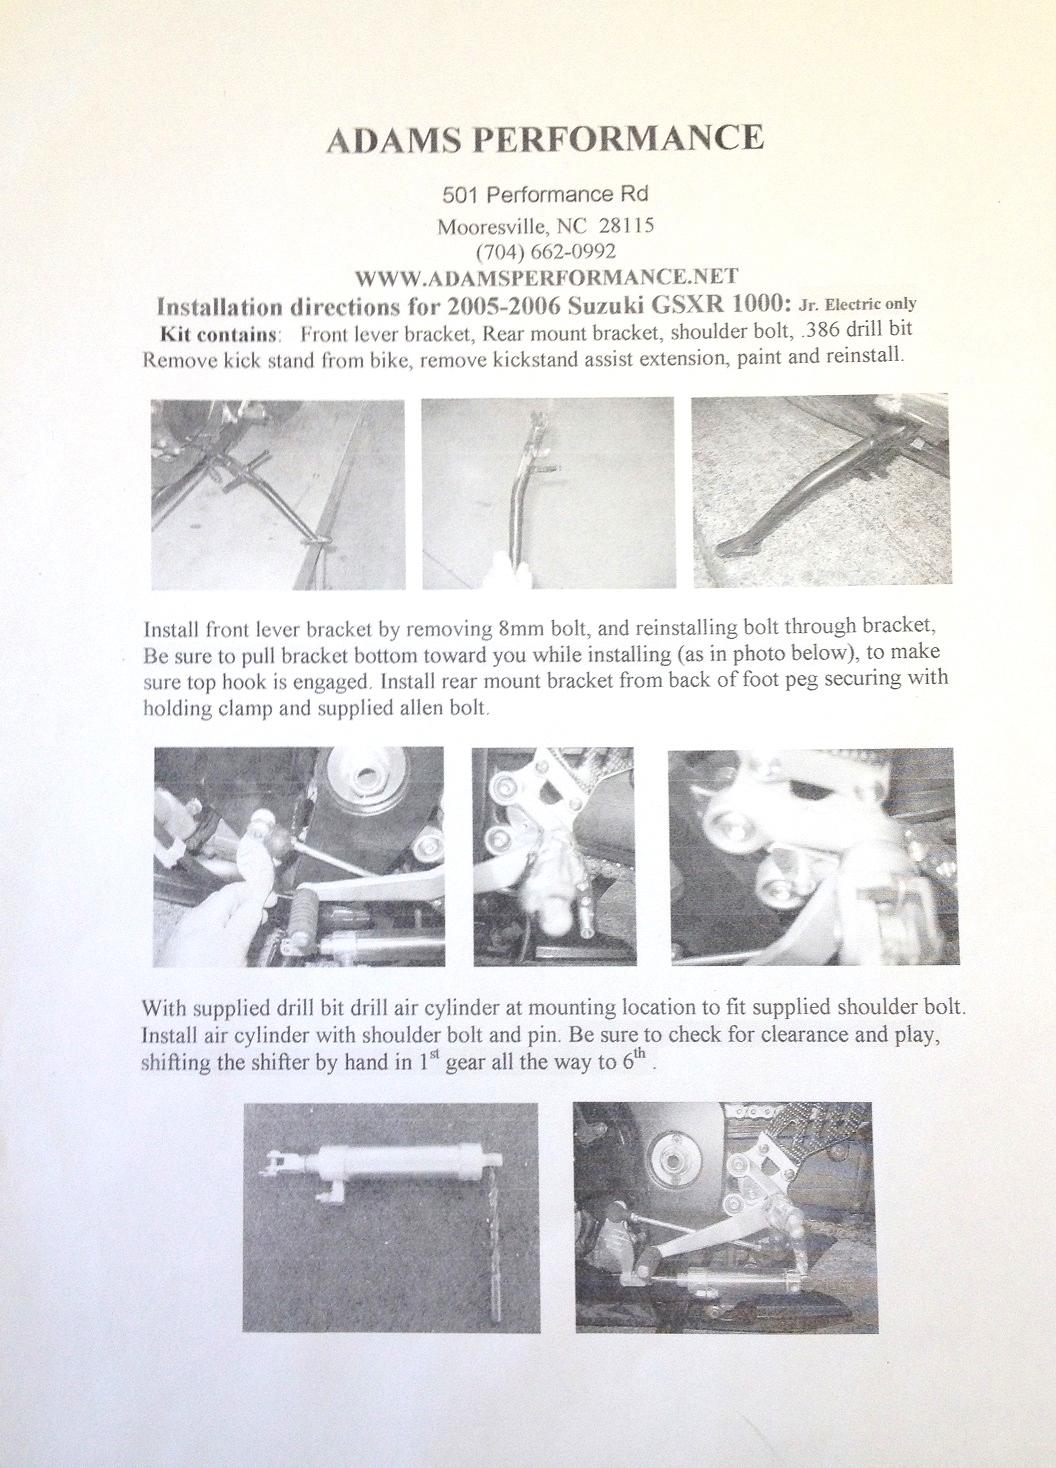 pingel shifter installation instructions